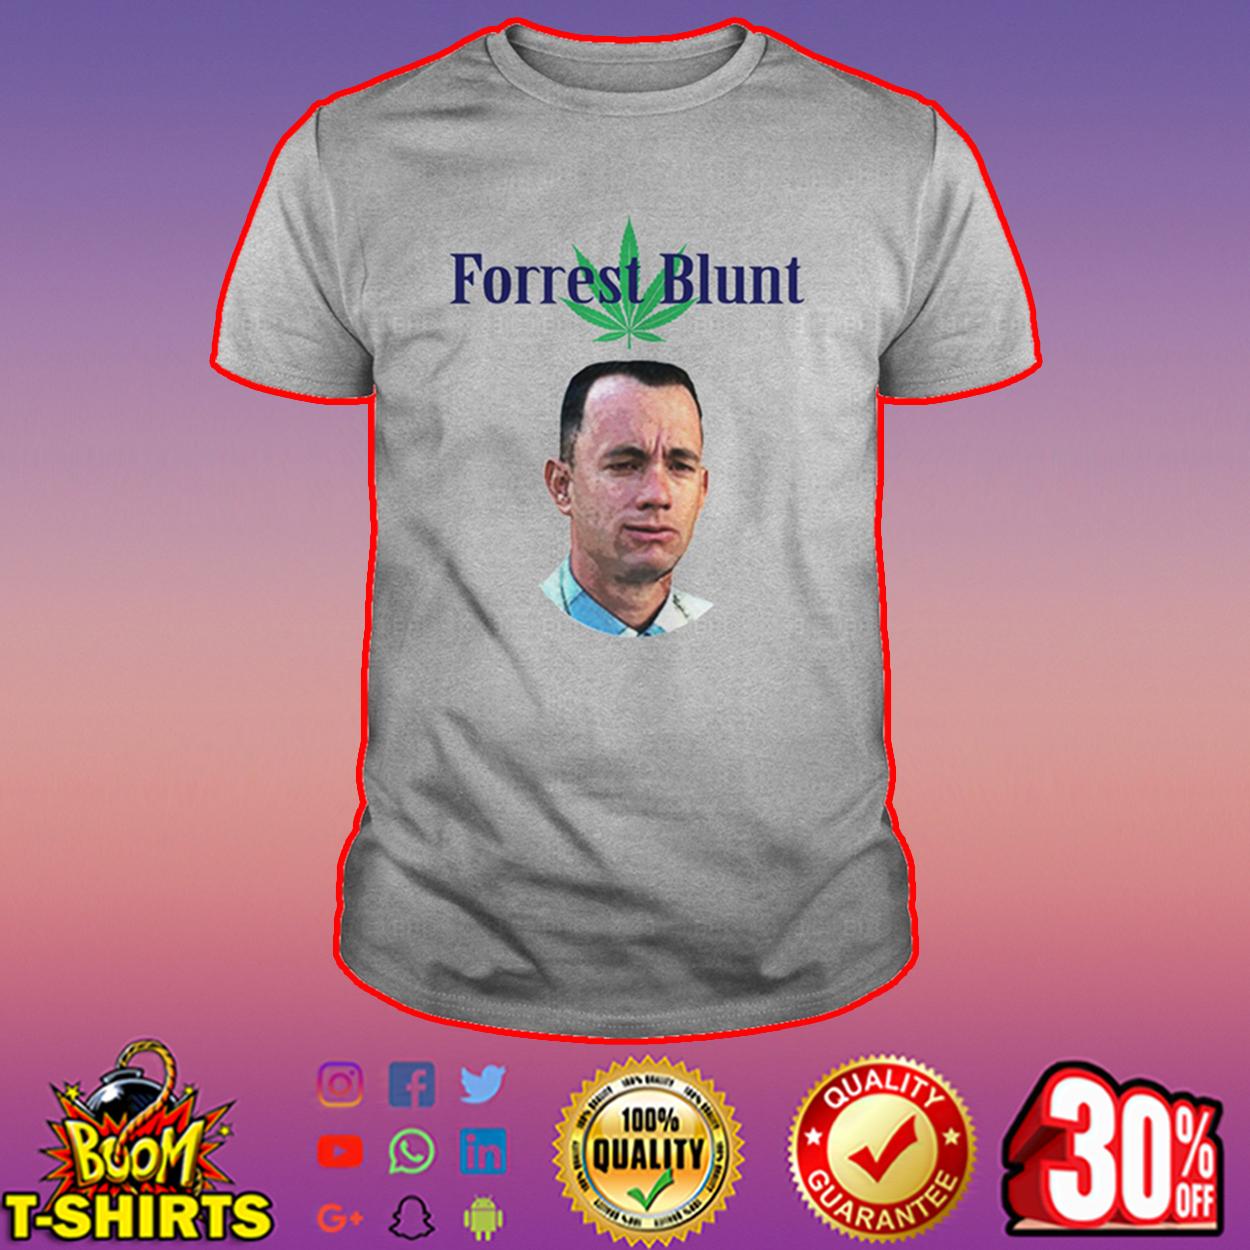 Tom Hanks Forrest blunt shirt